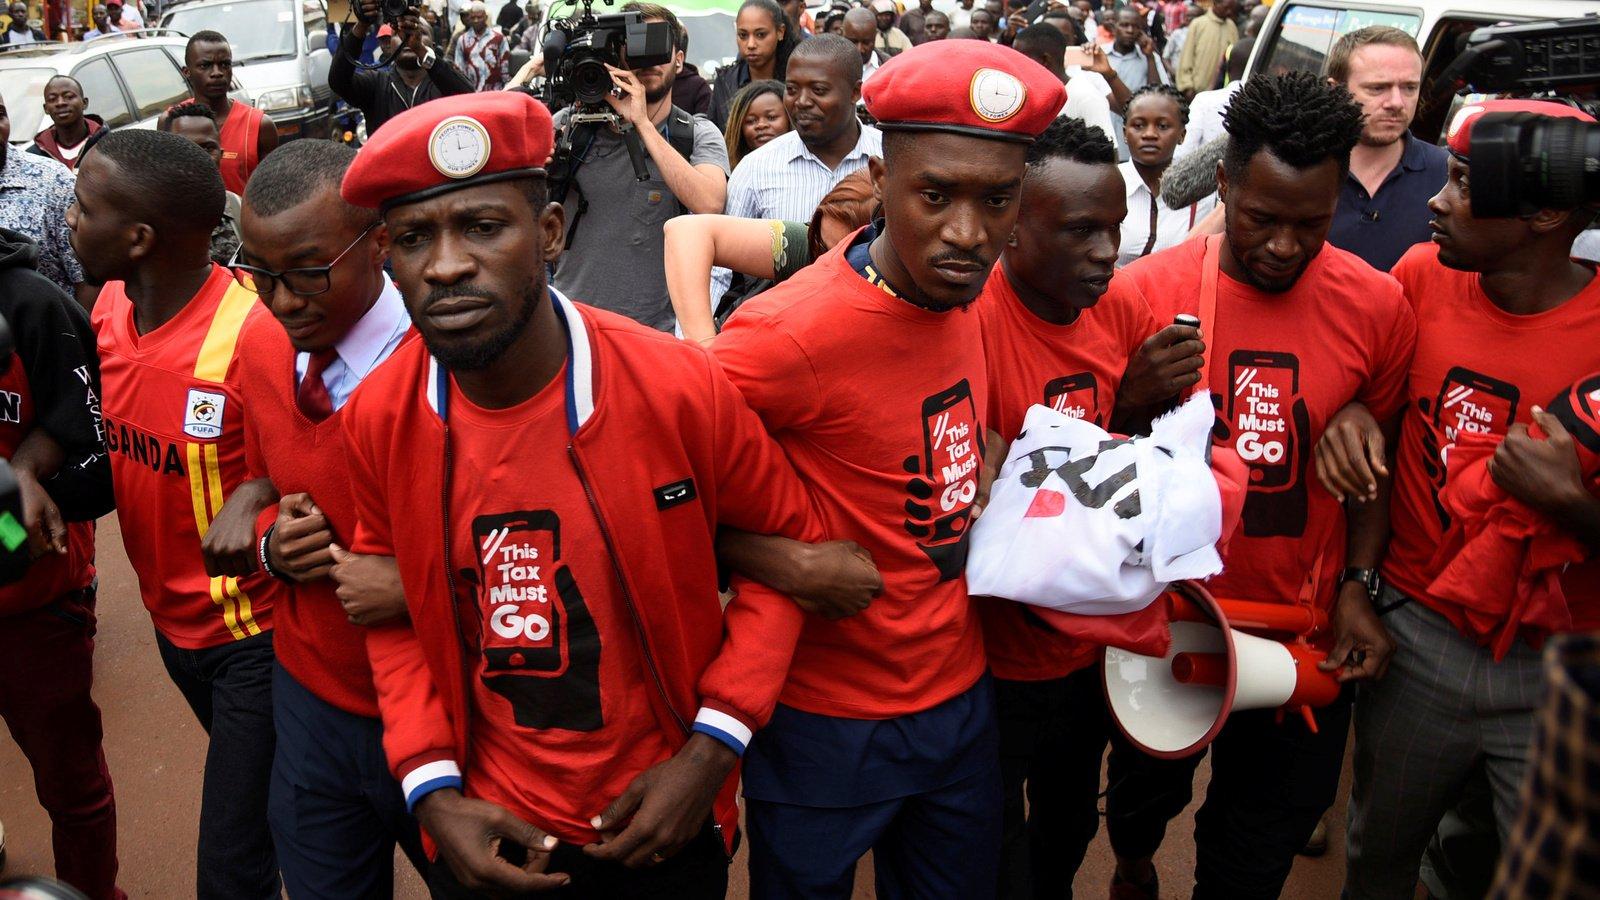 Uganda-Bobi-Wine-Museveni-Politics